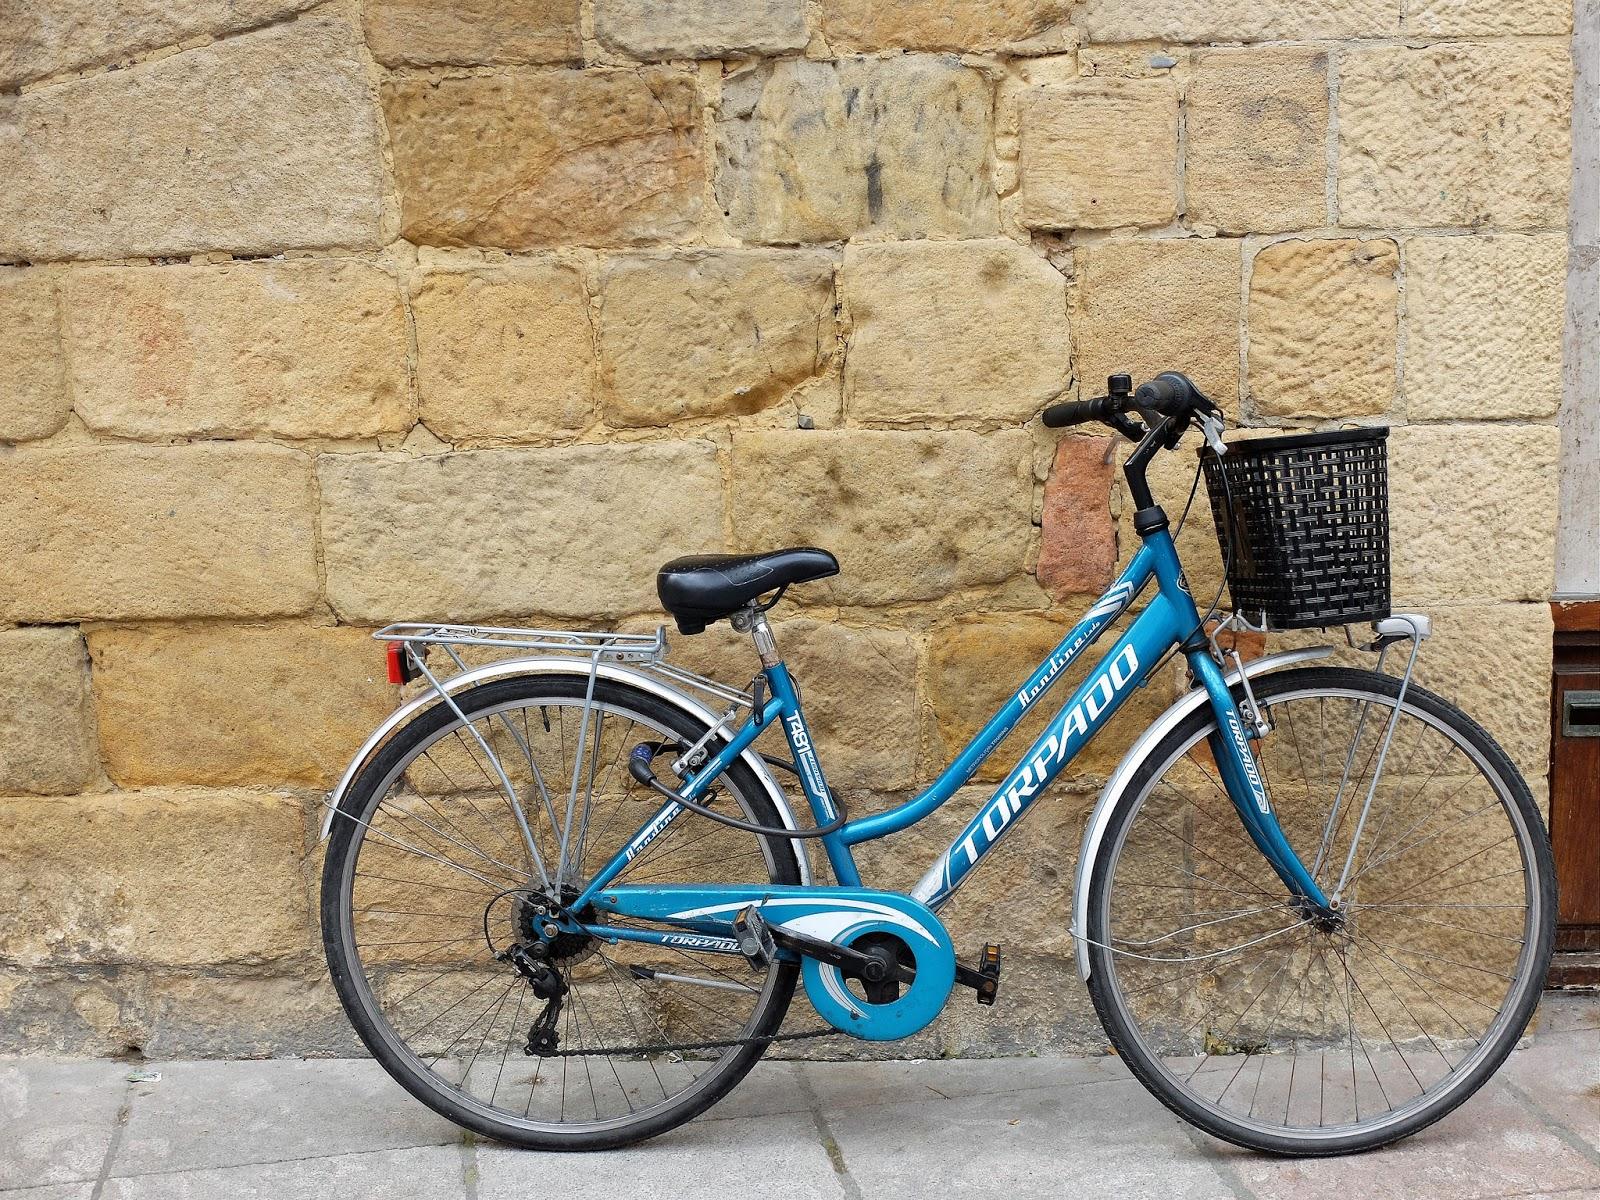 Bicicleta, Zarautz, Guipúzcoa 2016